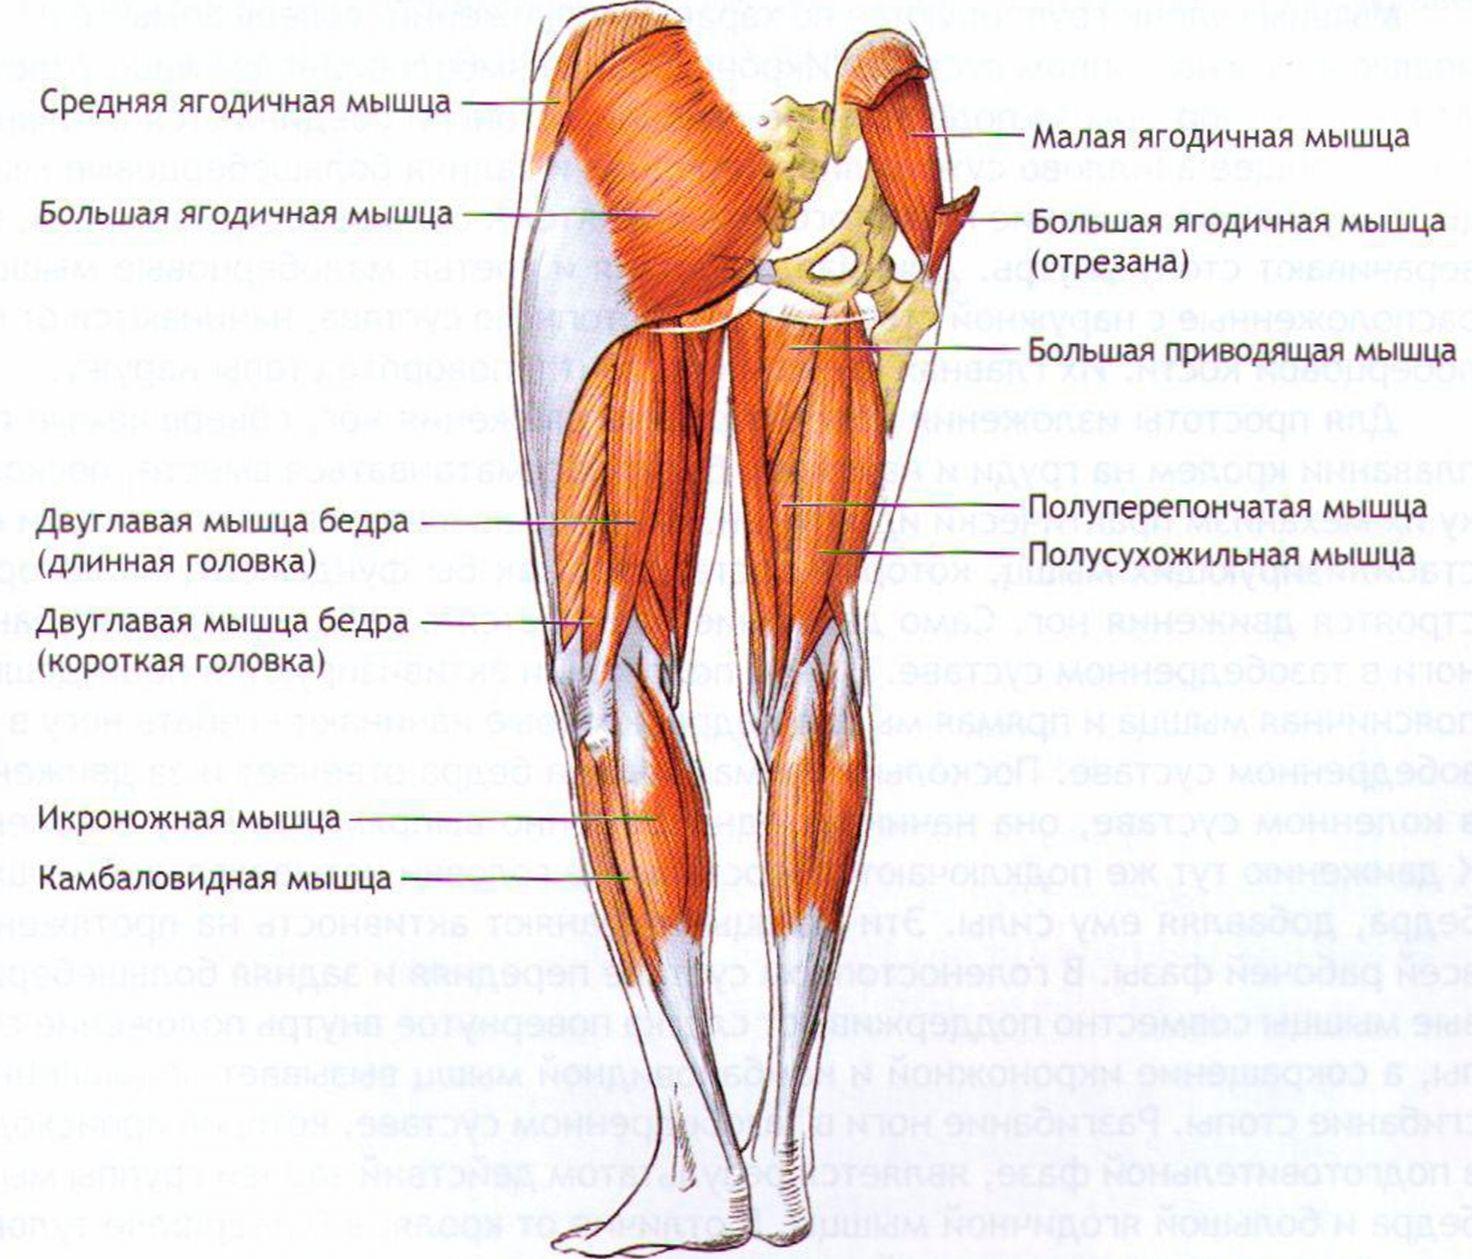 Мышечный каркас